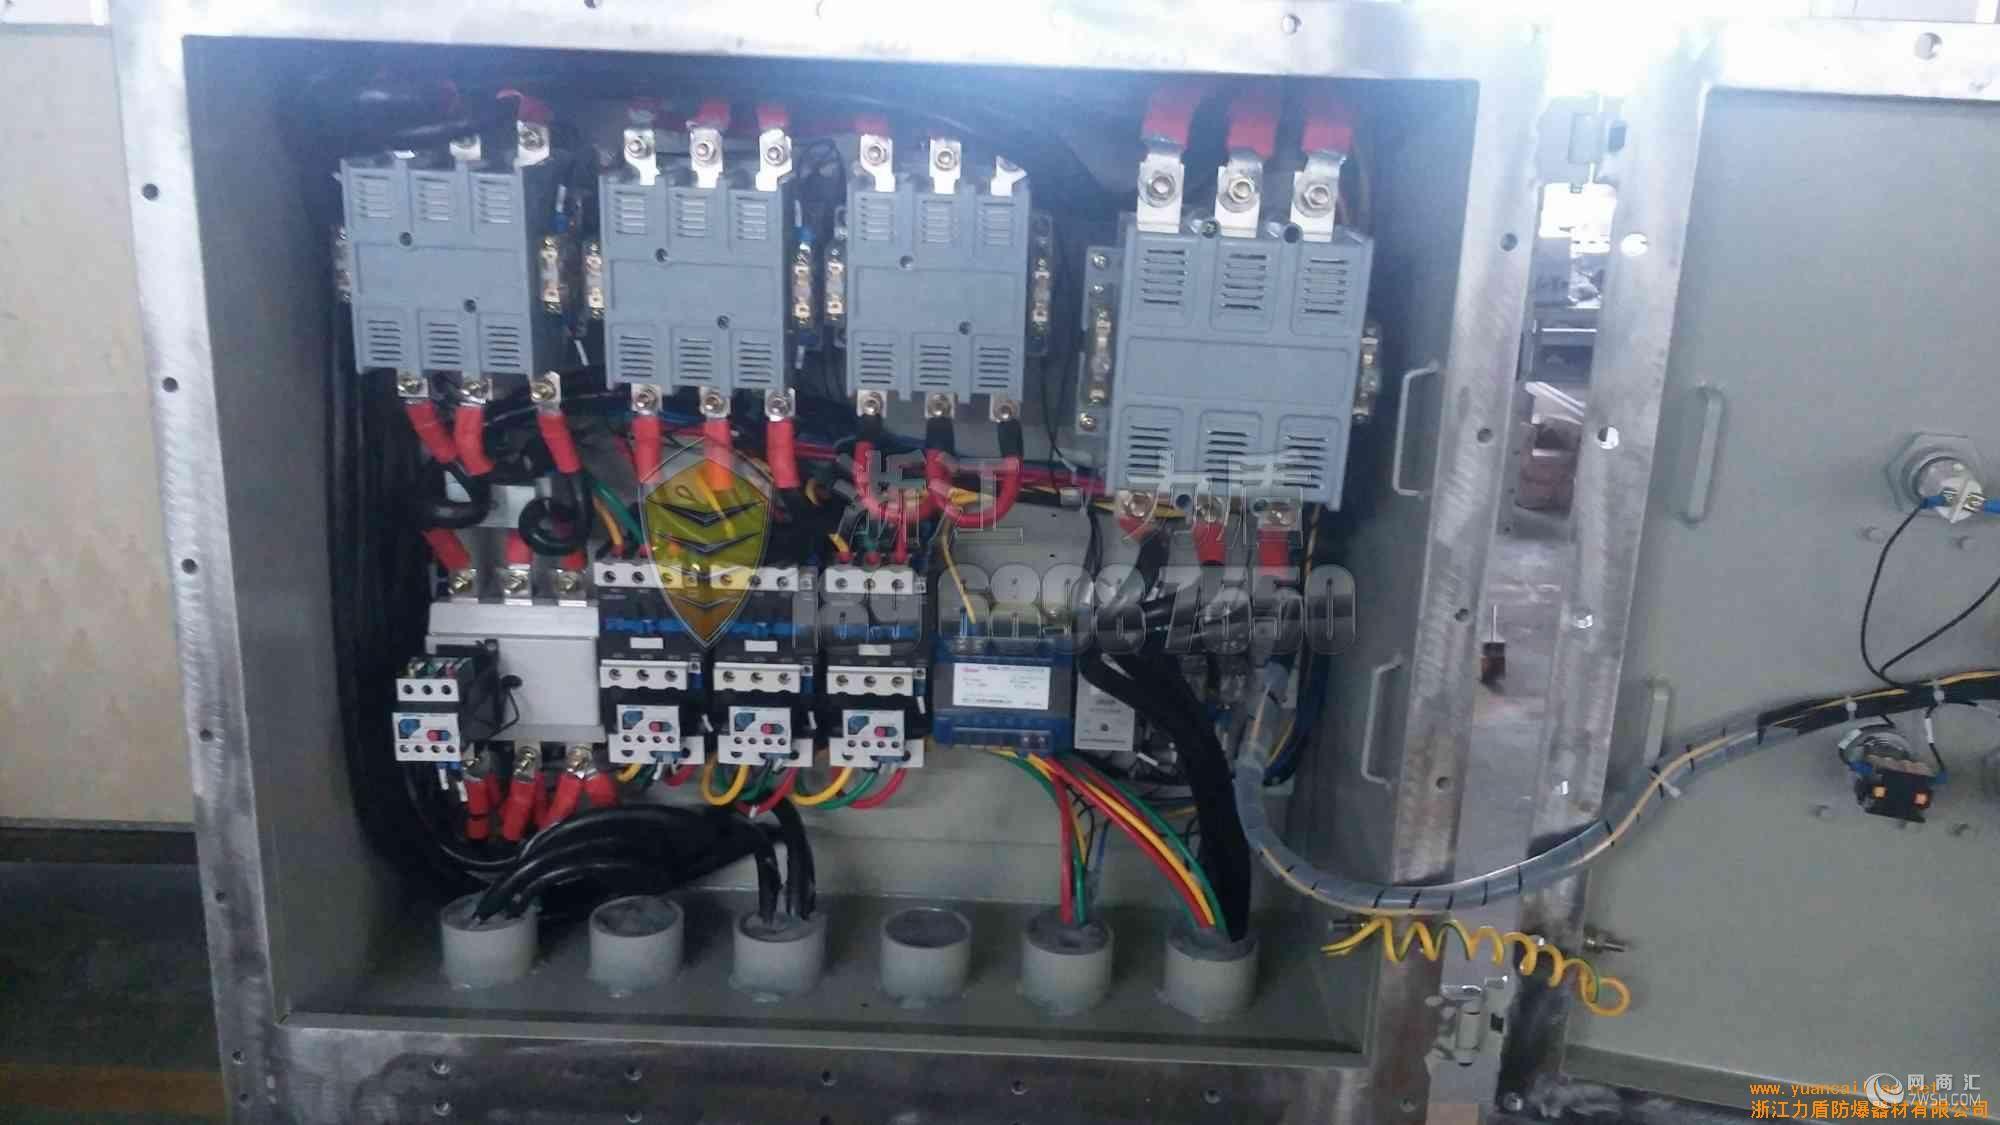 63A正反转防爆磁力启动器厂家材质一般为铝合金压铸或者钢板焊接分断电流为16A~1000A,可定做的防爆断路器也叫做BLK防爆断路器(防腐)在此有何疑问不妨致 电:189-6898-7550 05 77 -6285-9660马工我们将力求完美地给您最满意信任的方案!适用范围1.适用于爆炸性气体环境1区、2区危险场所;2.适用于IIA、IIB、IIC级爆炸性气体环境;3.适用于可燃性粉尘环境20区、21区、22区;4.适用于温度组别为T1—T6的环境;5.适用于石油石化、化工、酿酒、医药、油漆、